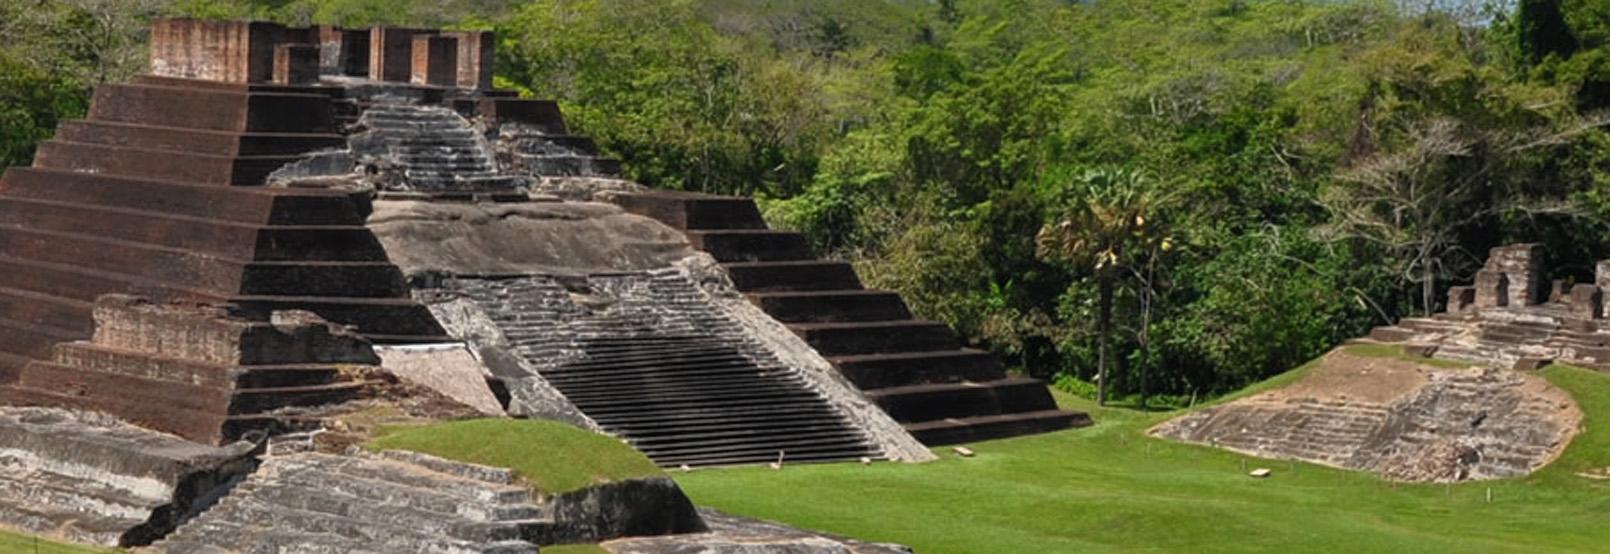 Comalcalco Zona arqueologica de tabasco